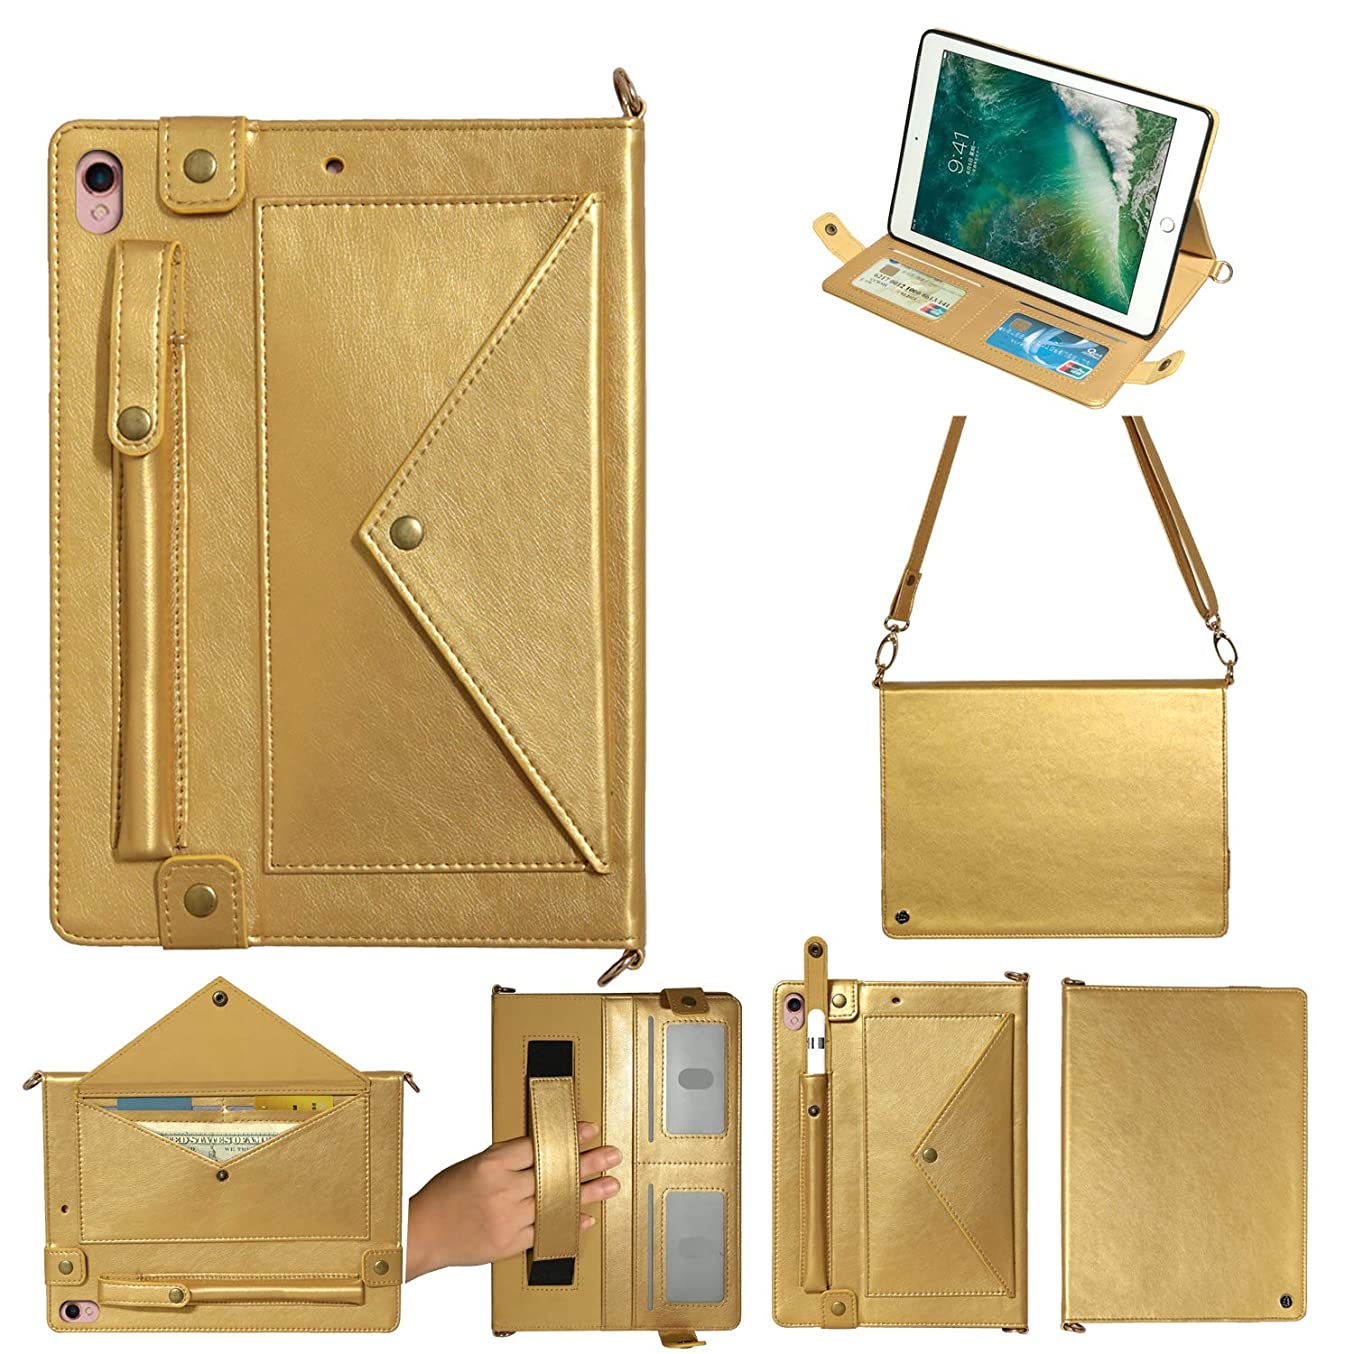 タック矢畝間iPad 11 Pro 2018ケース、TABCase PUレザーショルダーバッグ磁気ブラケット、カードスロット付き多機能フラットケース/ペンシルケース/財布ファイル分割ポケット付き手、に適しています iPad Pro 11 2018,ゴールド